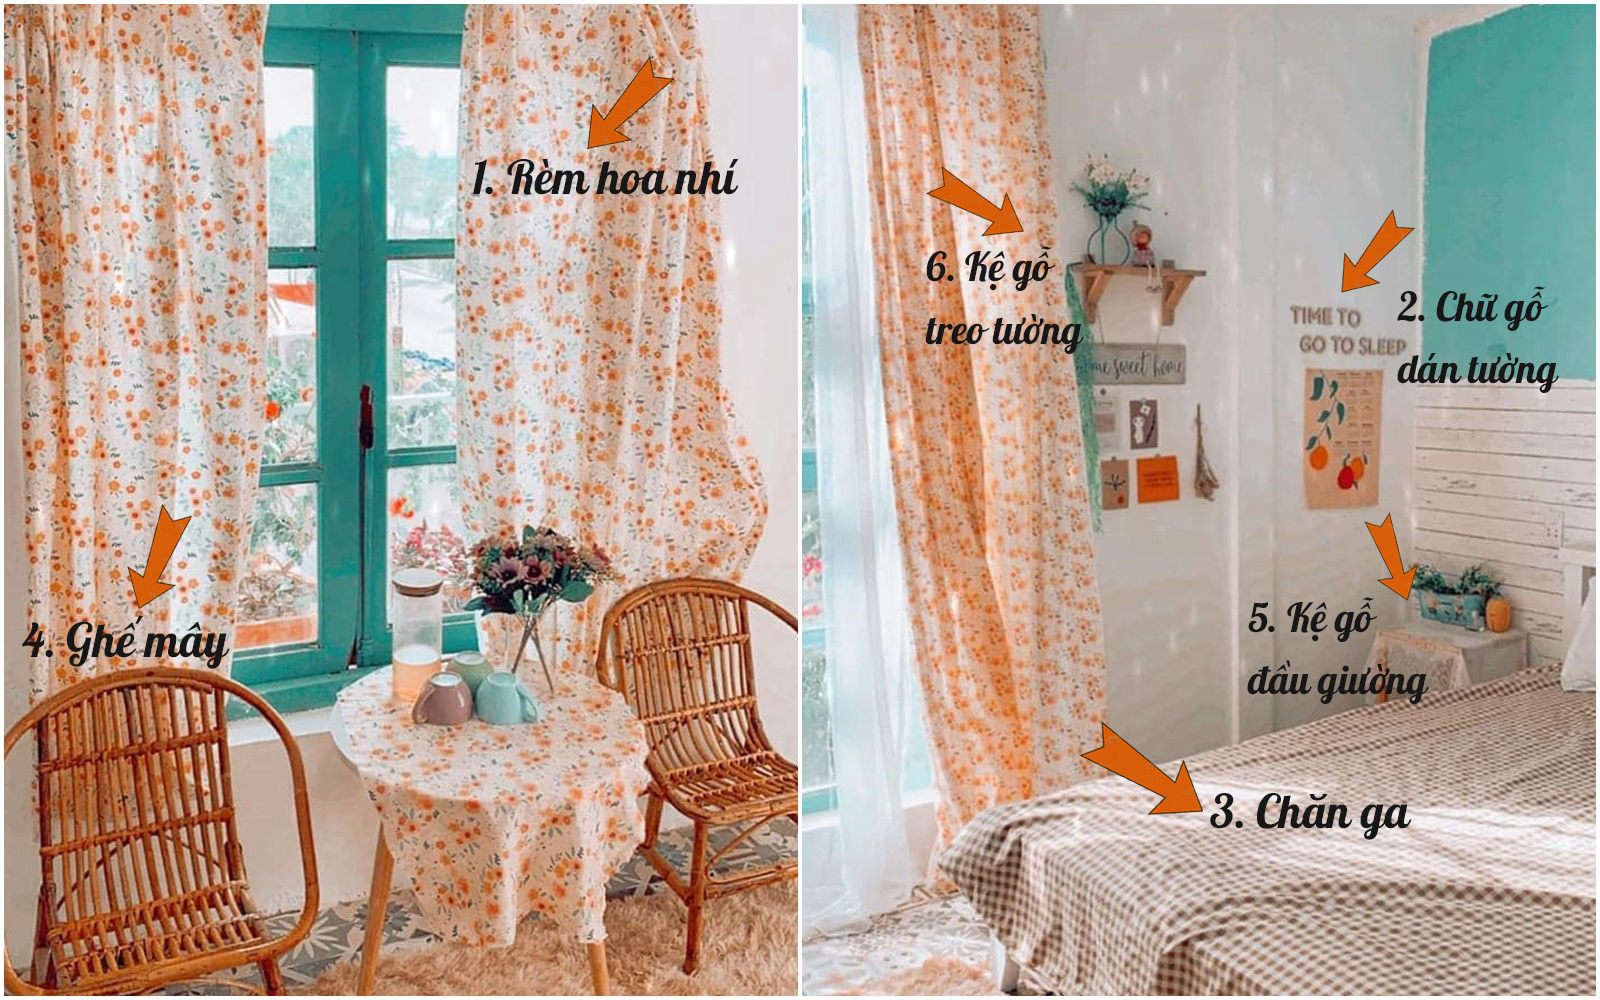 Tư vấn những sản phẩm đơn giản giúp gái độc thân tự trang trí phòng ngủ tone cam hoa nhí xinh như Hàn xẻng lại cho chi phí cực tiết kiệm  - Ảnh 1.